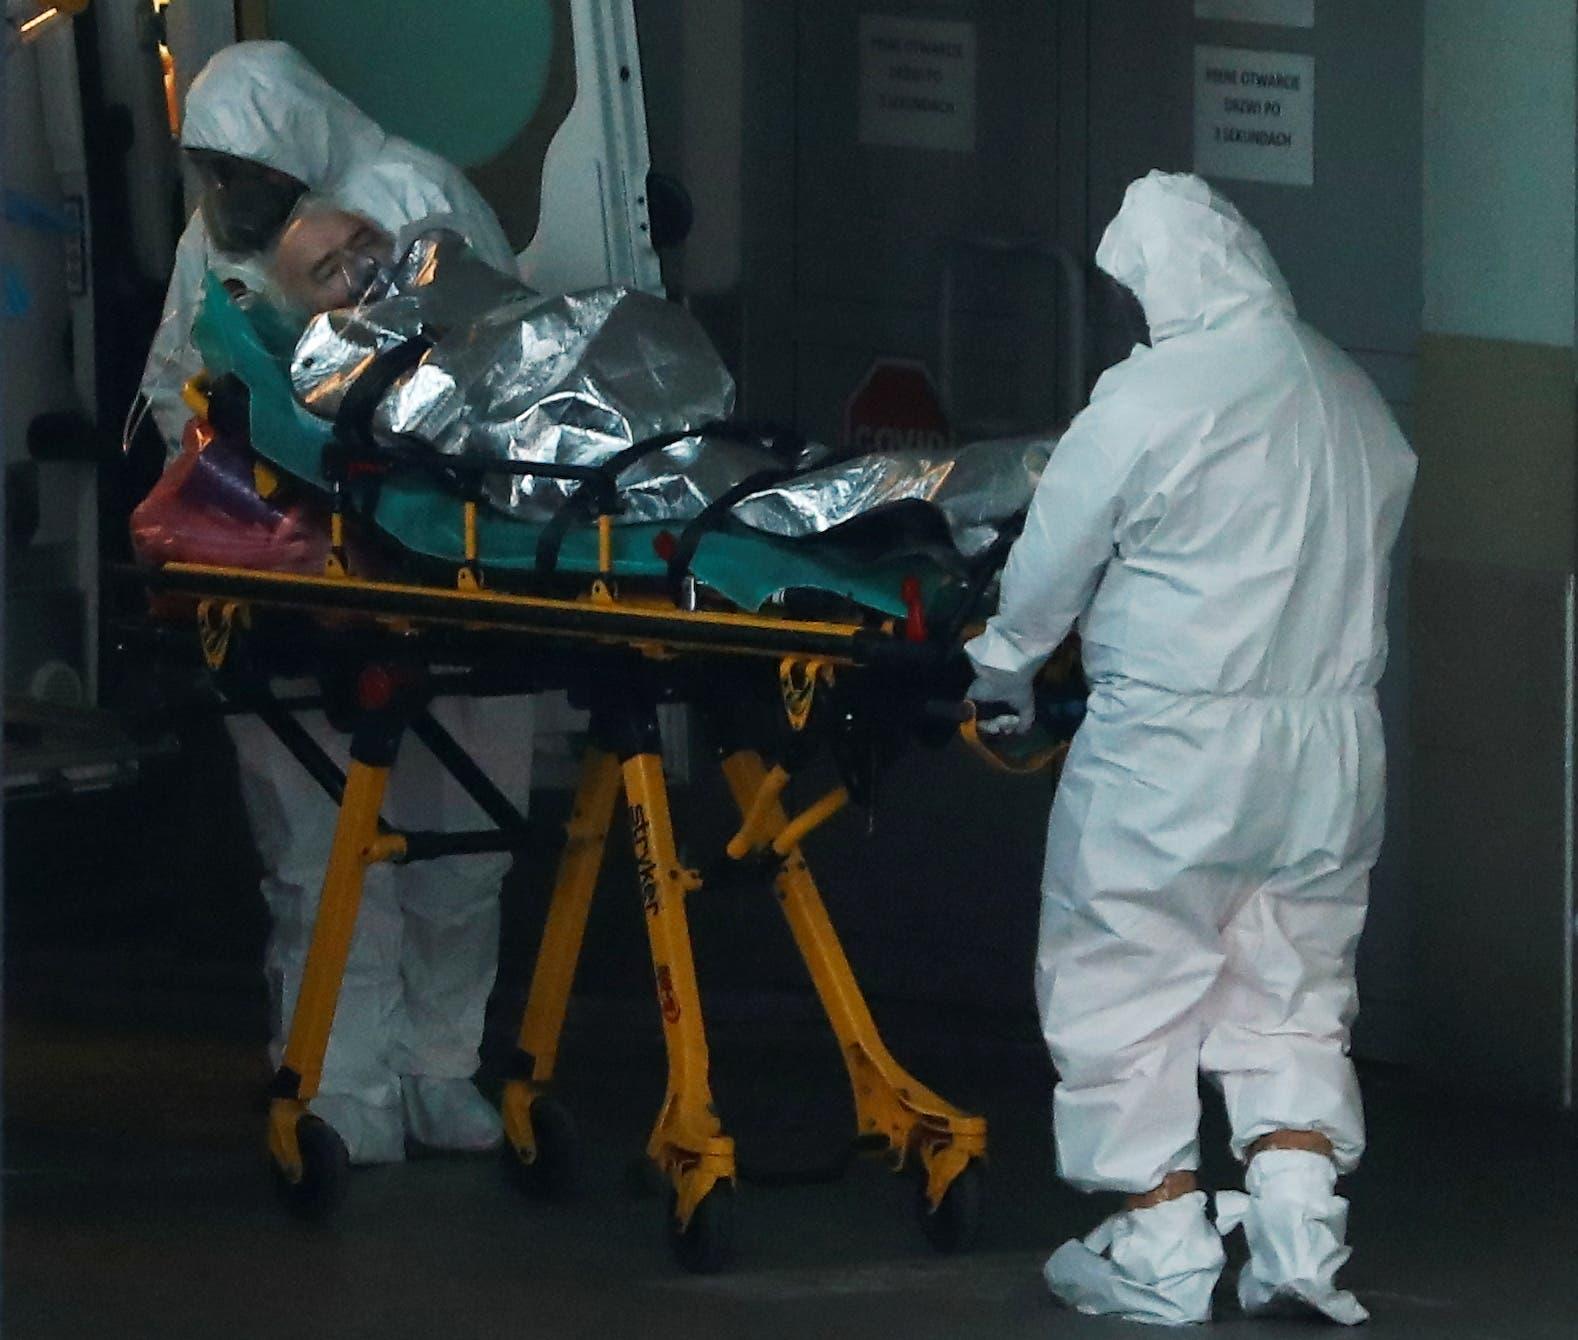 نقل مصاب بكورونا للمستشفى في وارسو